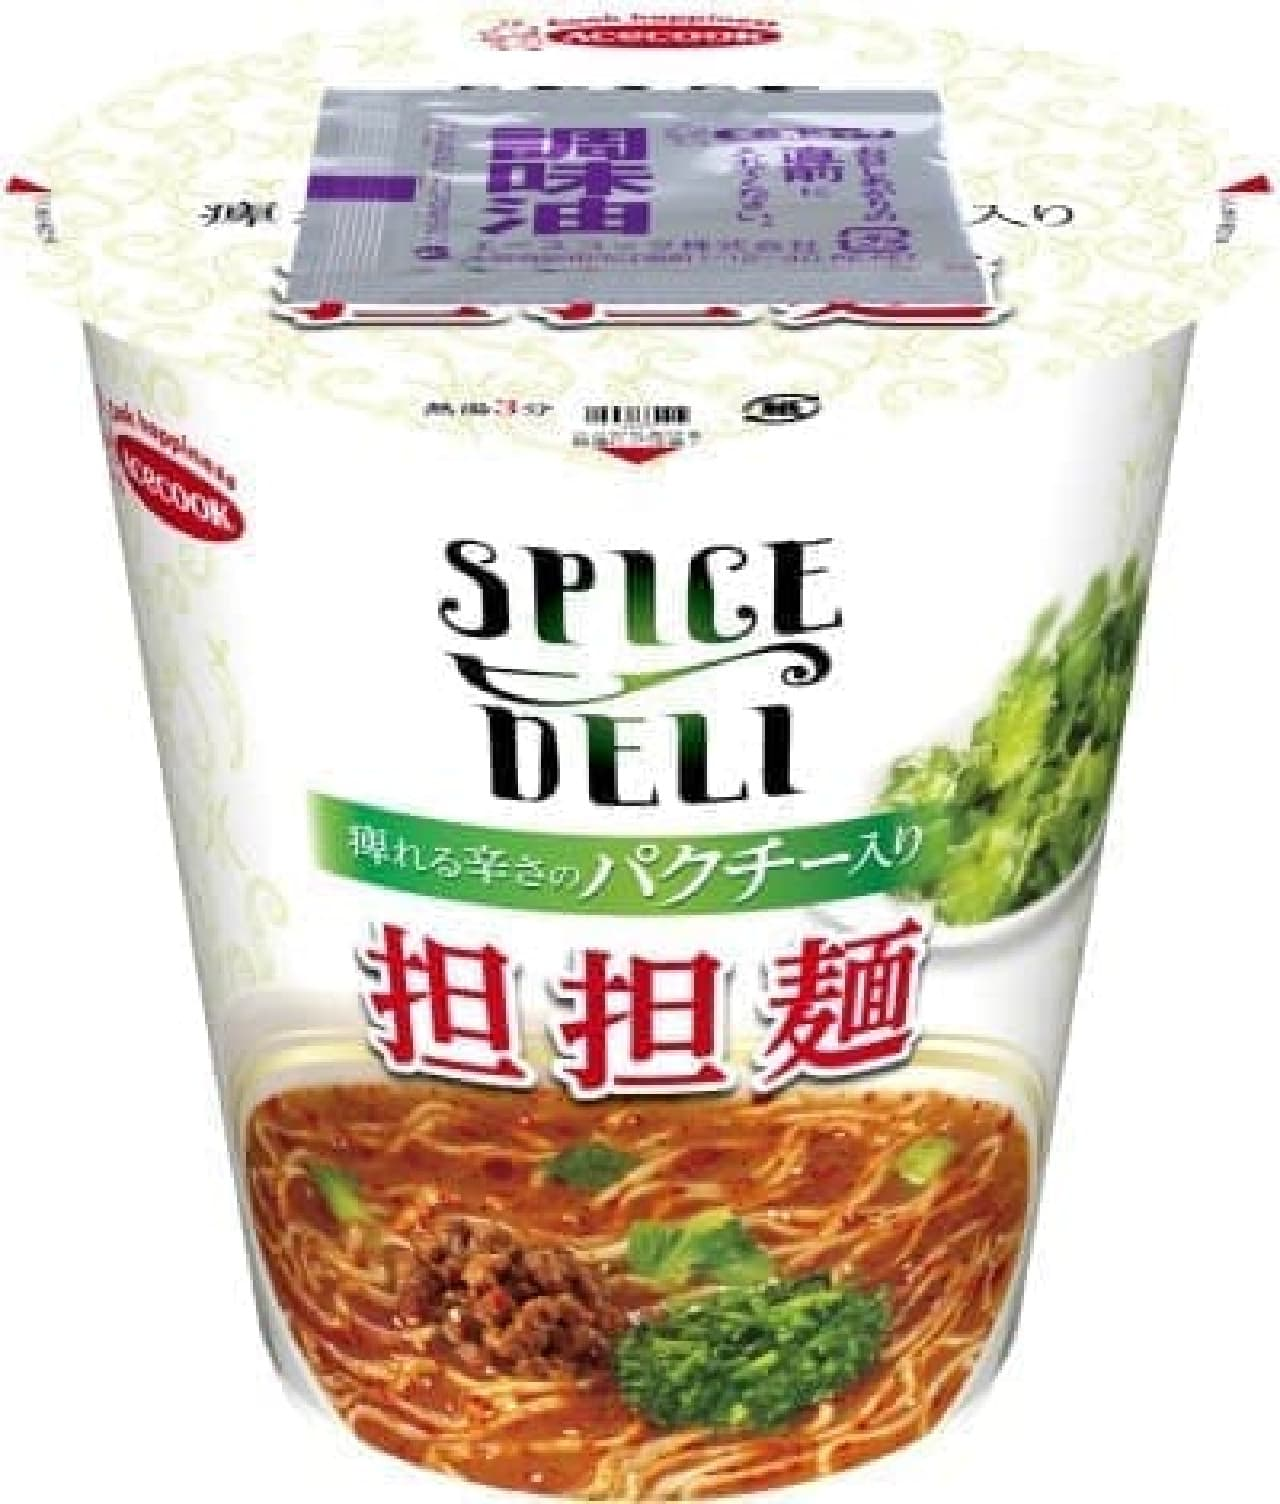 エースコック「SPICE DELI 痺れる辛さのパクチー入り担担麺」